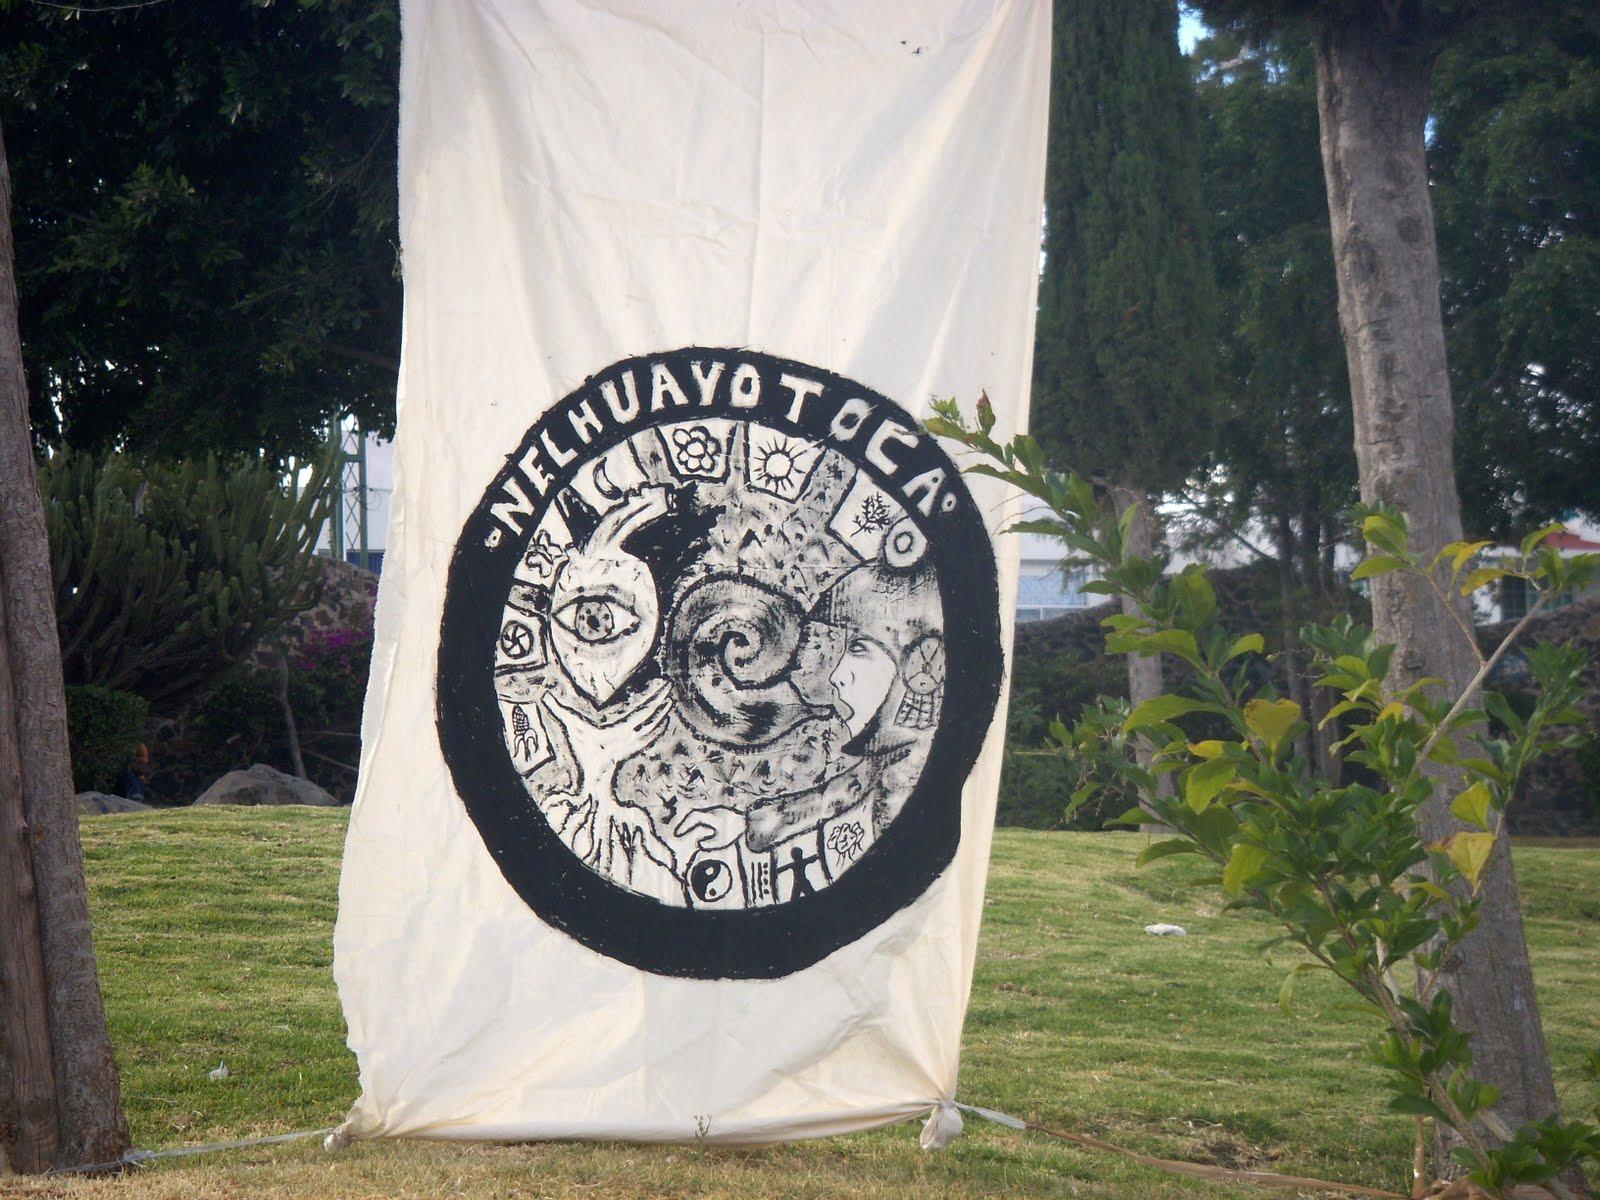 Colectivo Nelhuayotoca